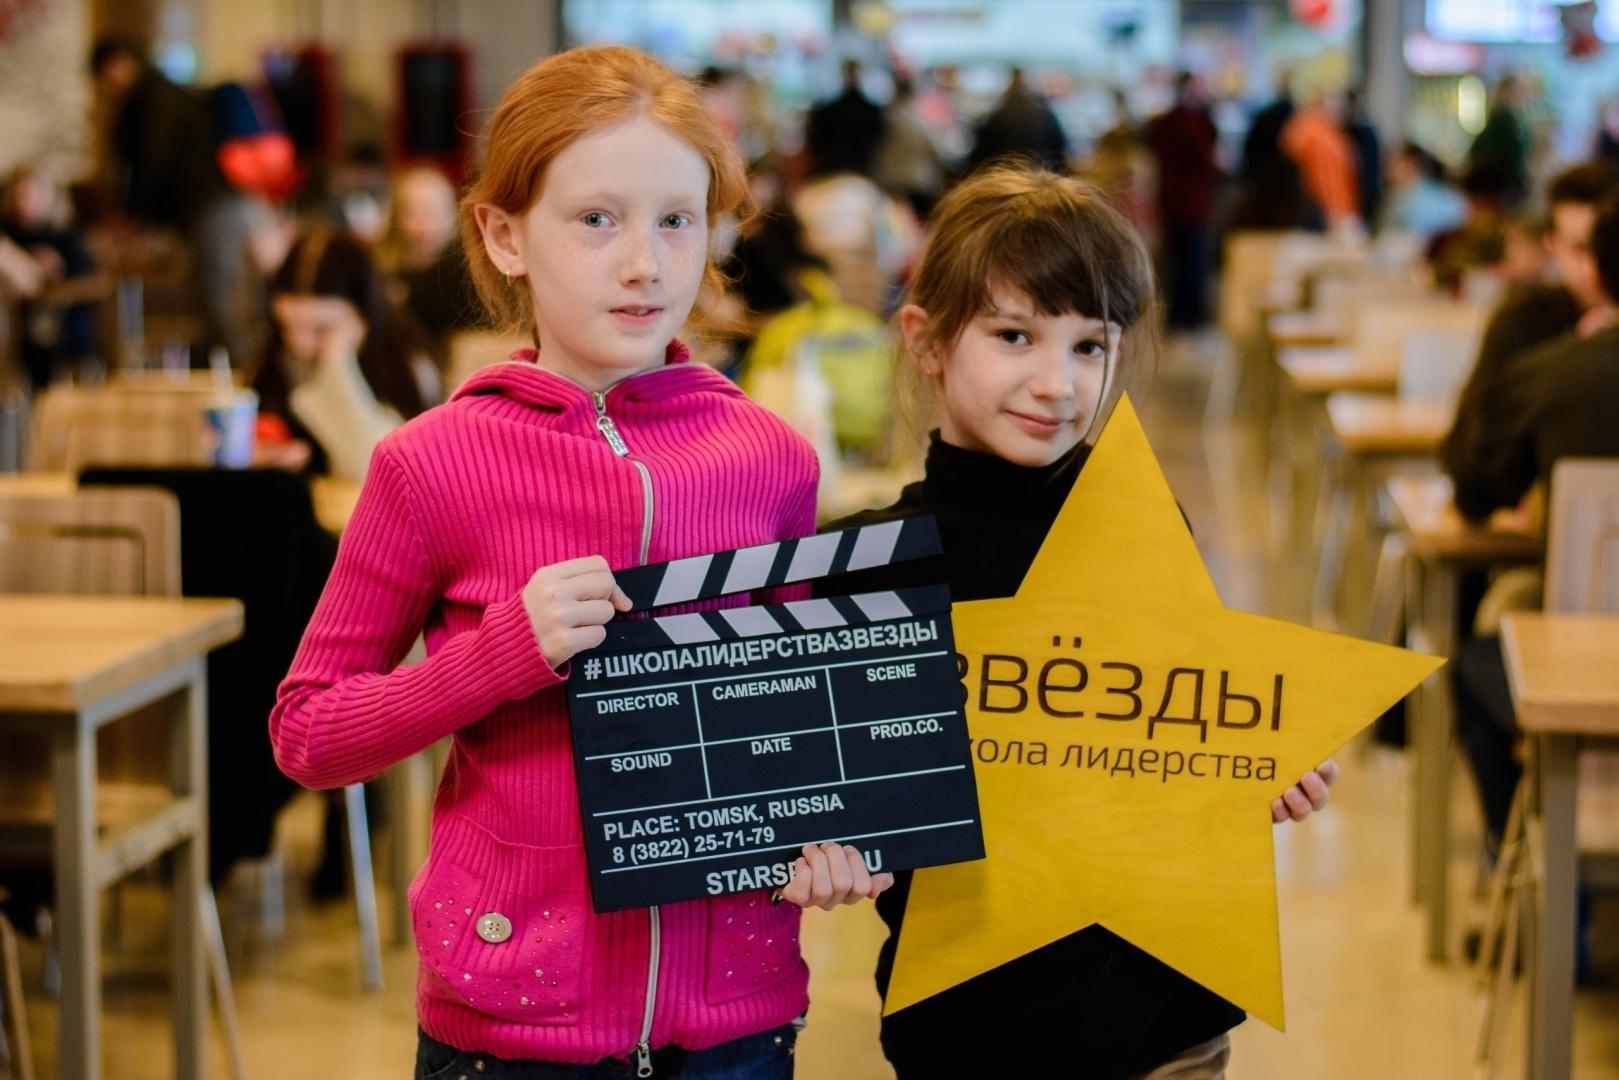 Изображение - 8 идей бизнеса направленного на детскую аудиторию euuygz1-y0_sgd.optimize